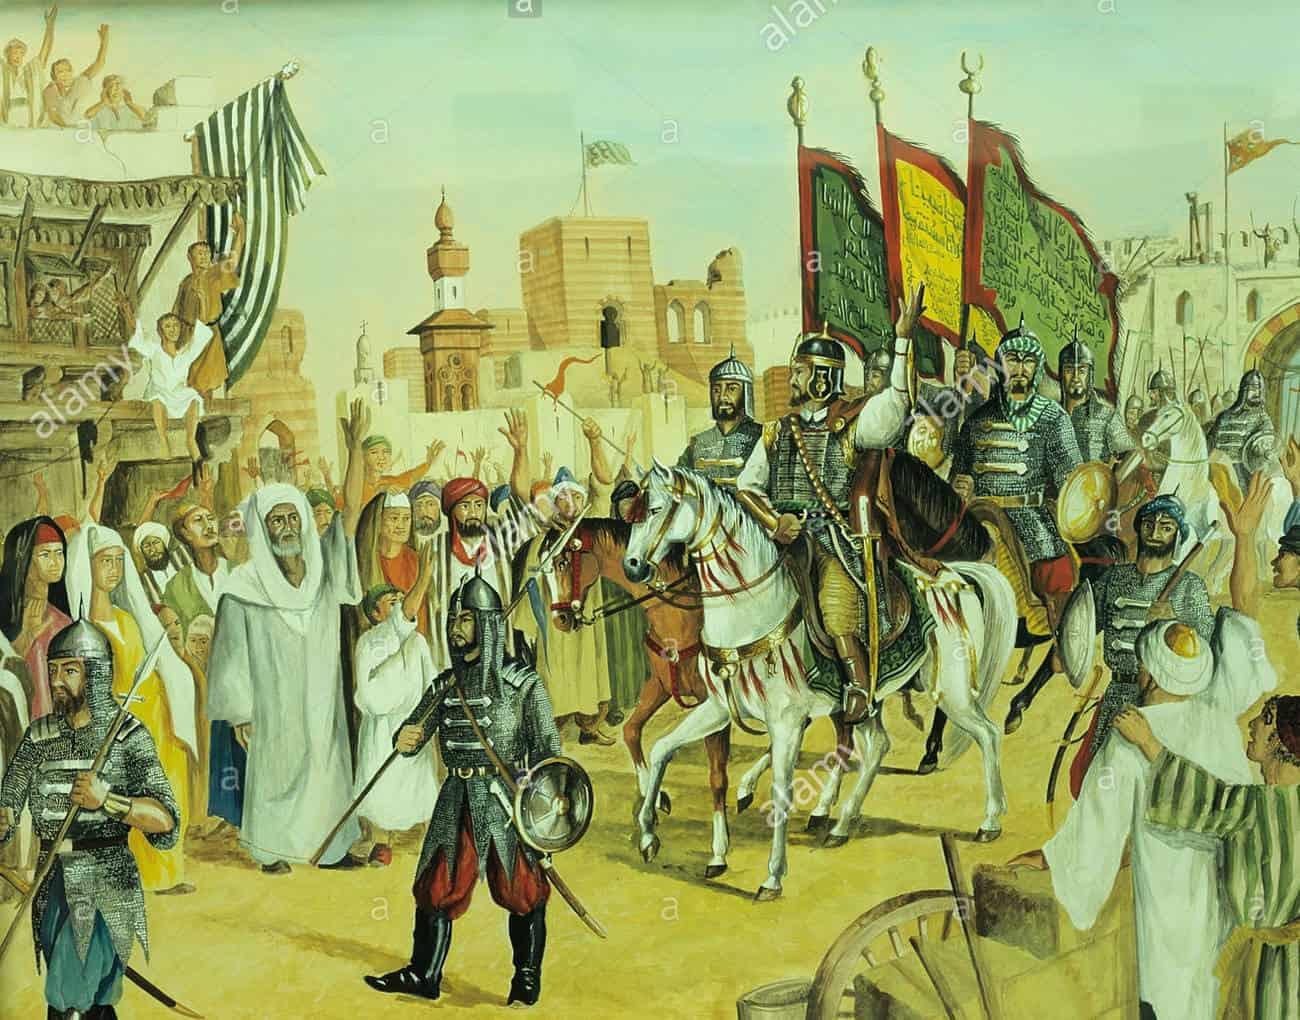 A 20th century depiction of Salahuddeen entering Jerusalem.